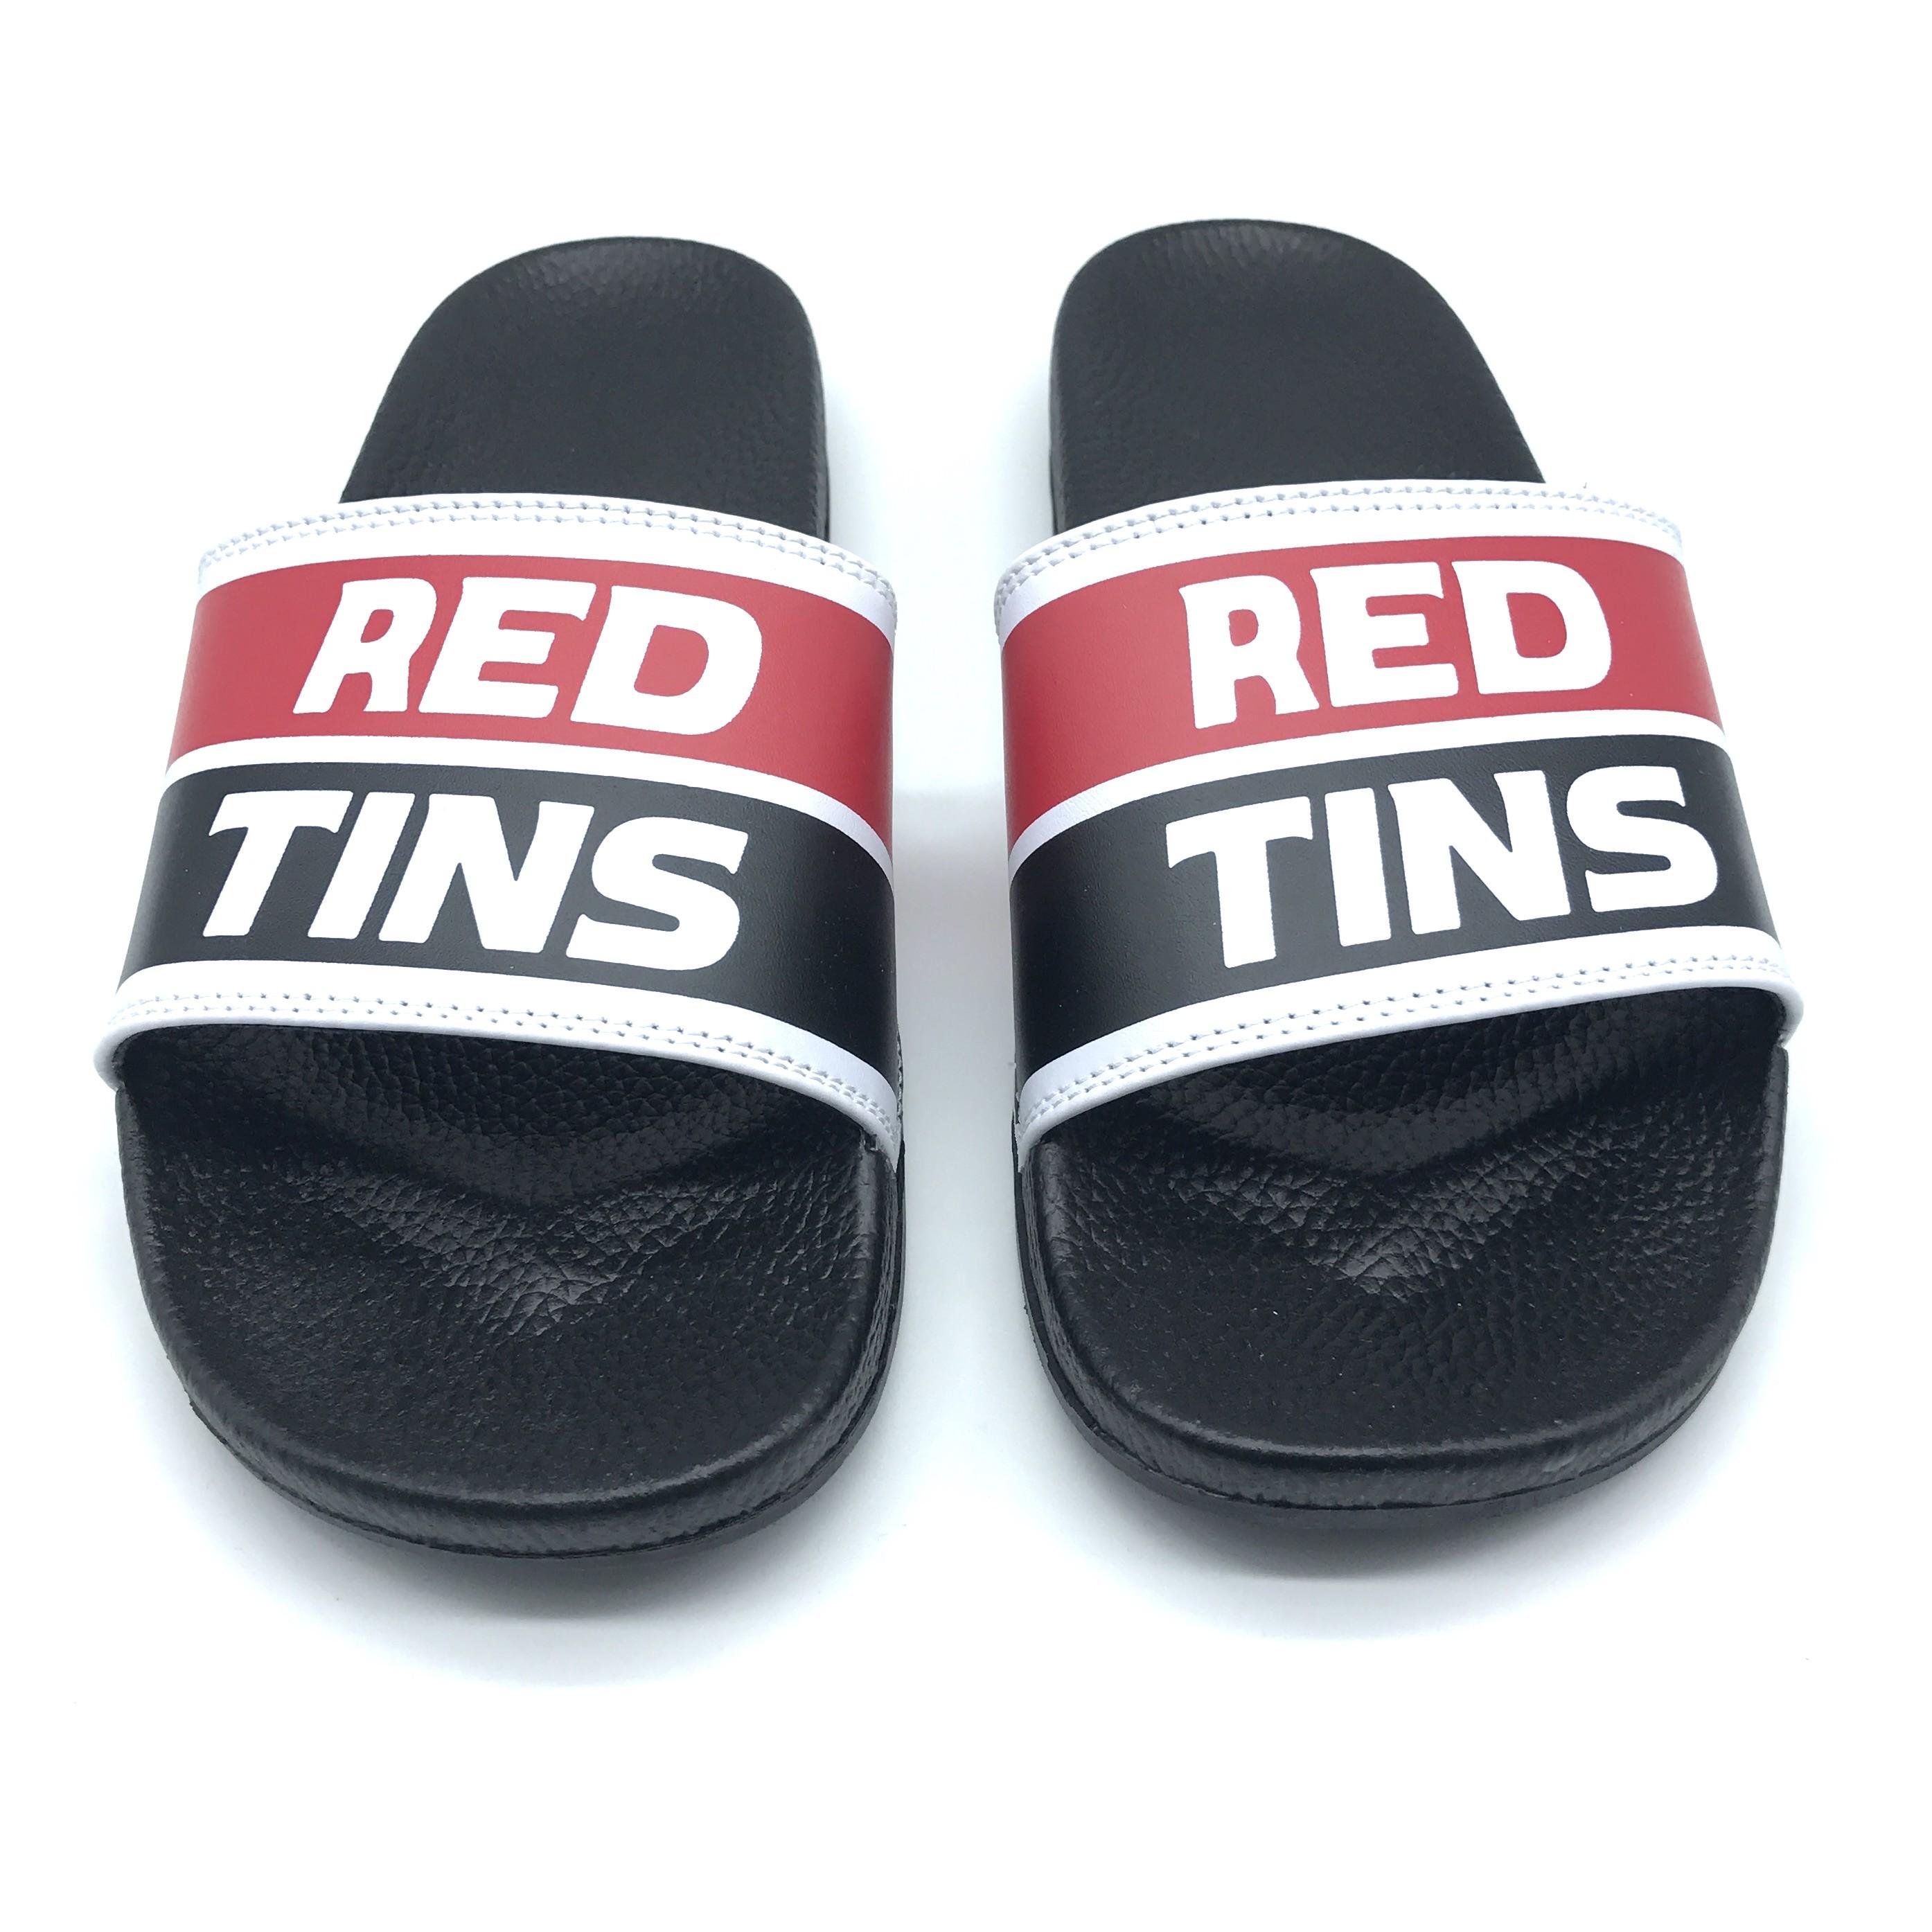 RED TINS SLIDES